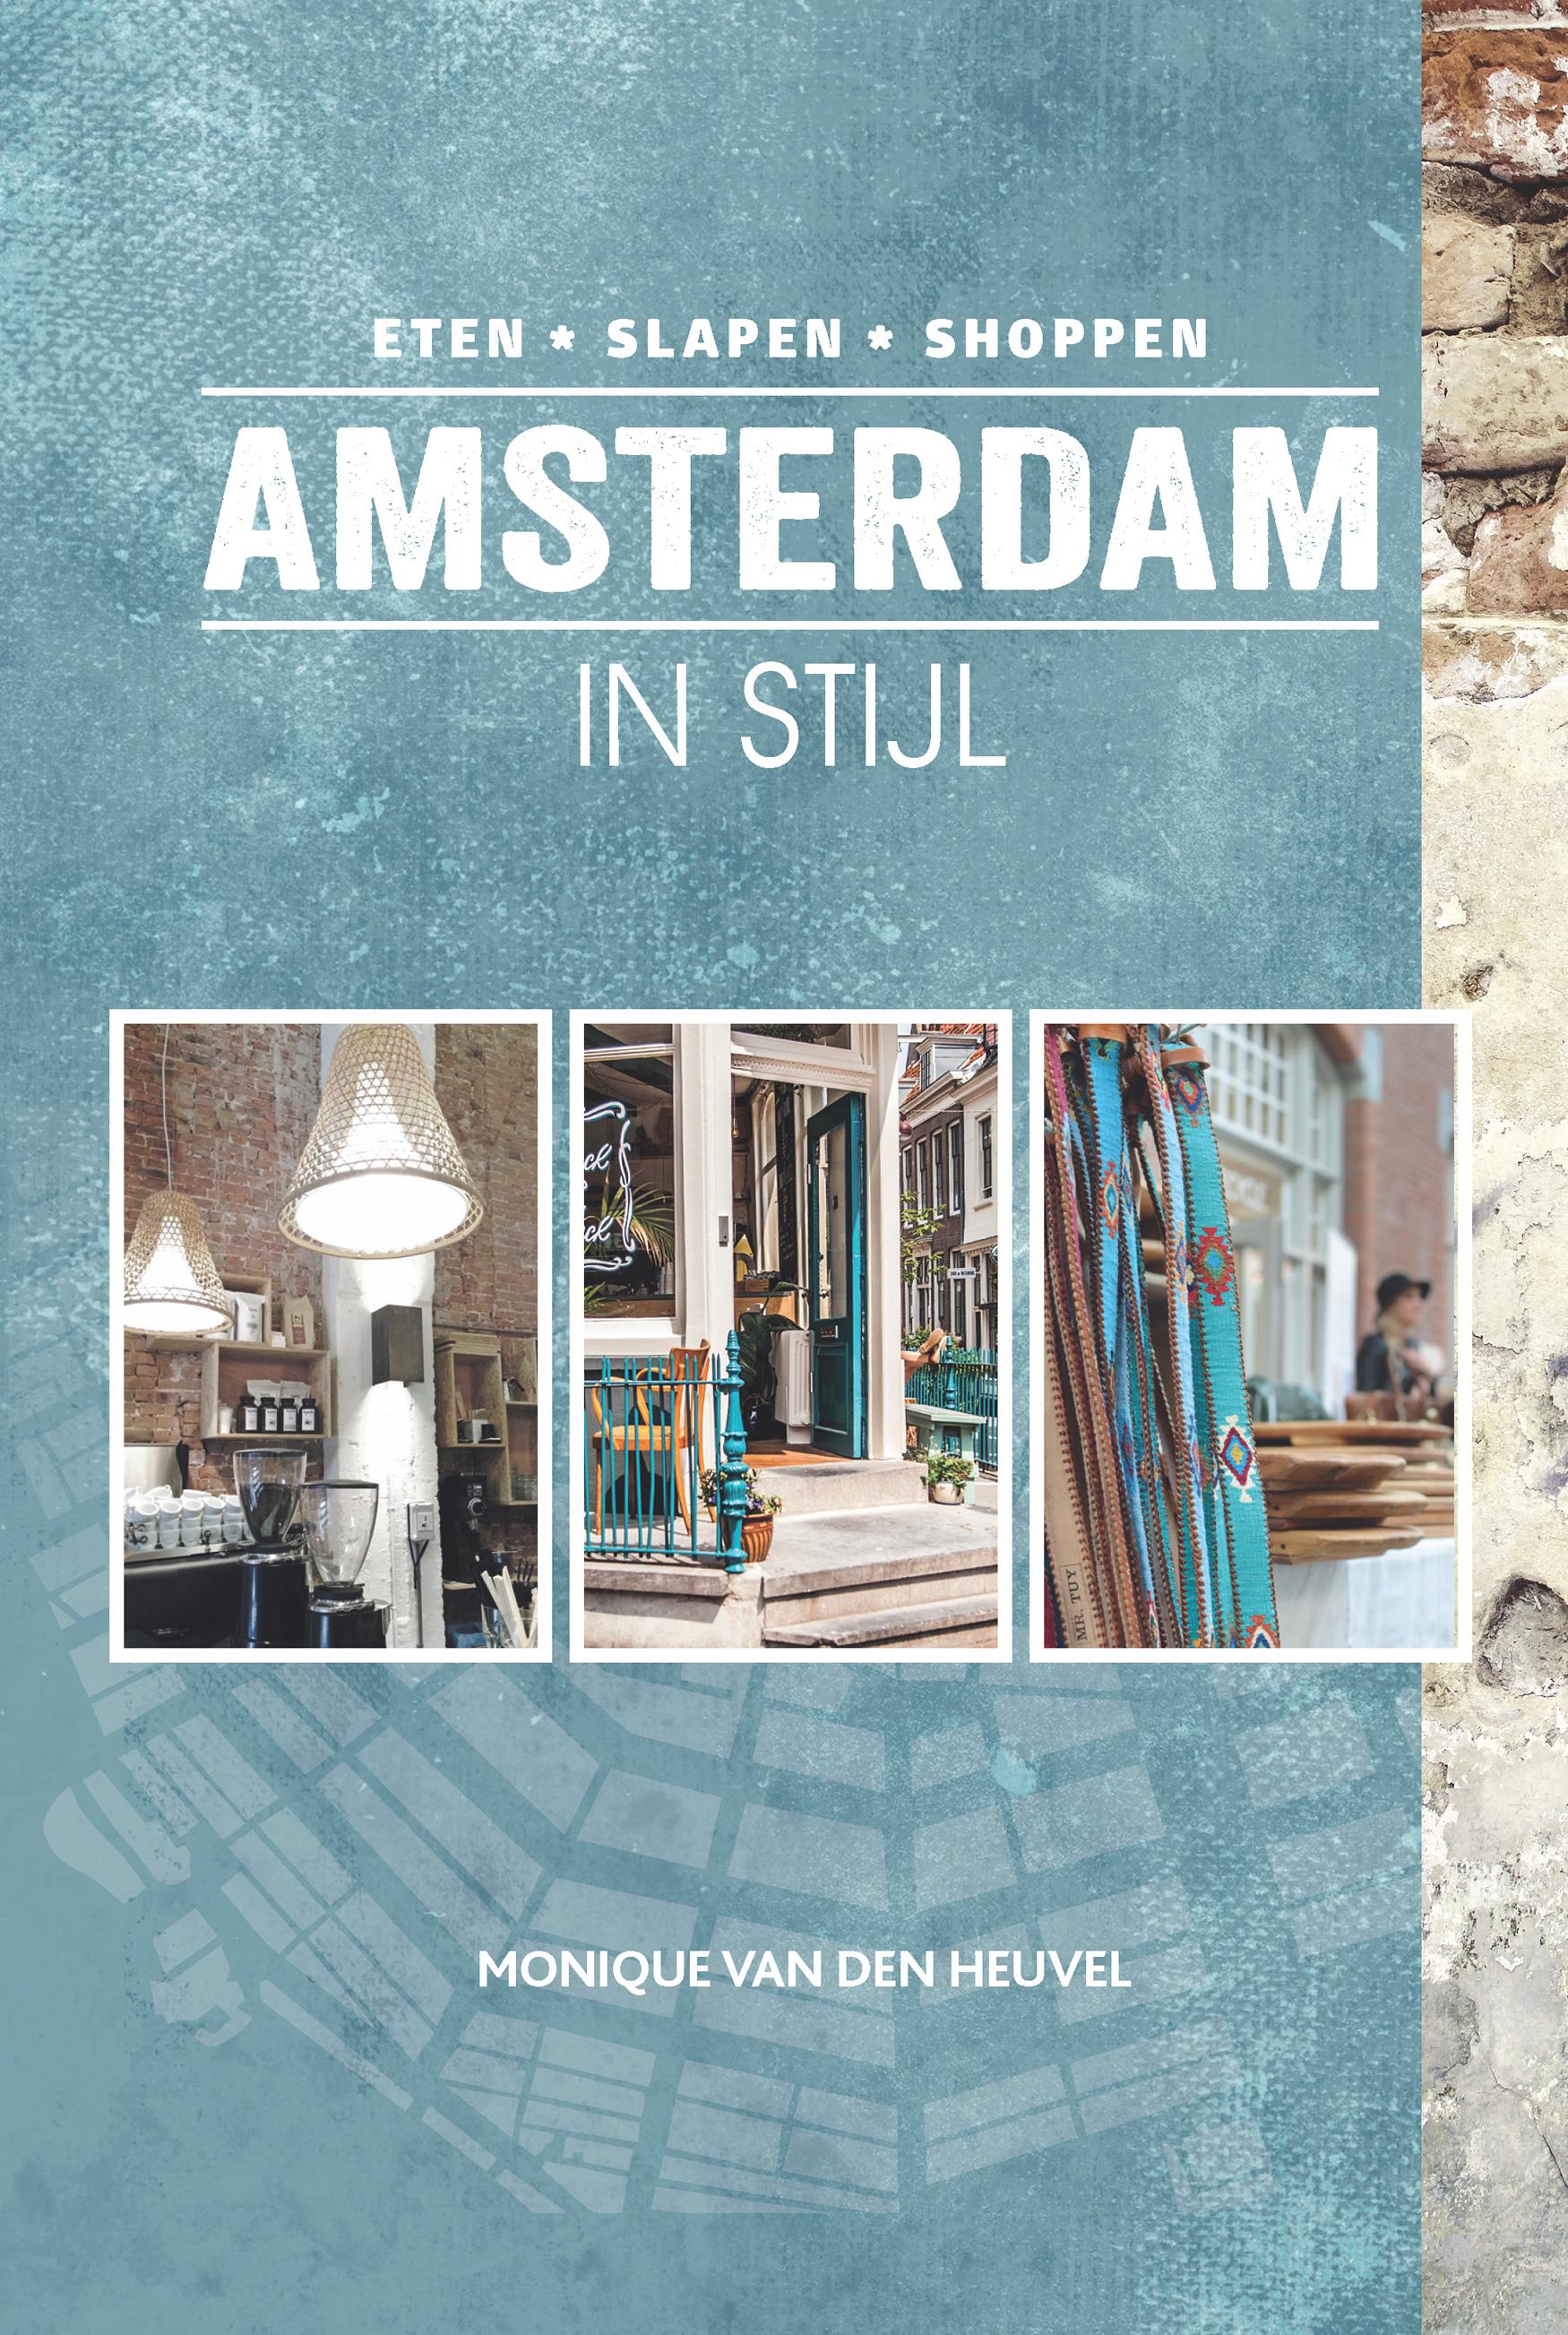 Amsterdam in stijl – Monique van den Heuvel